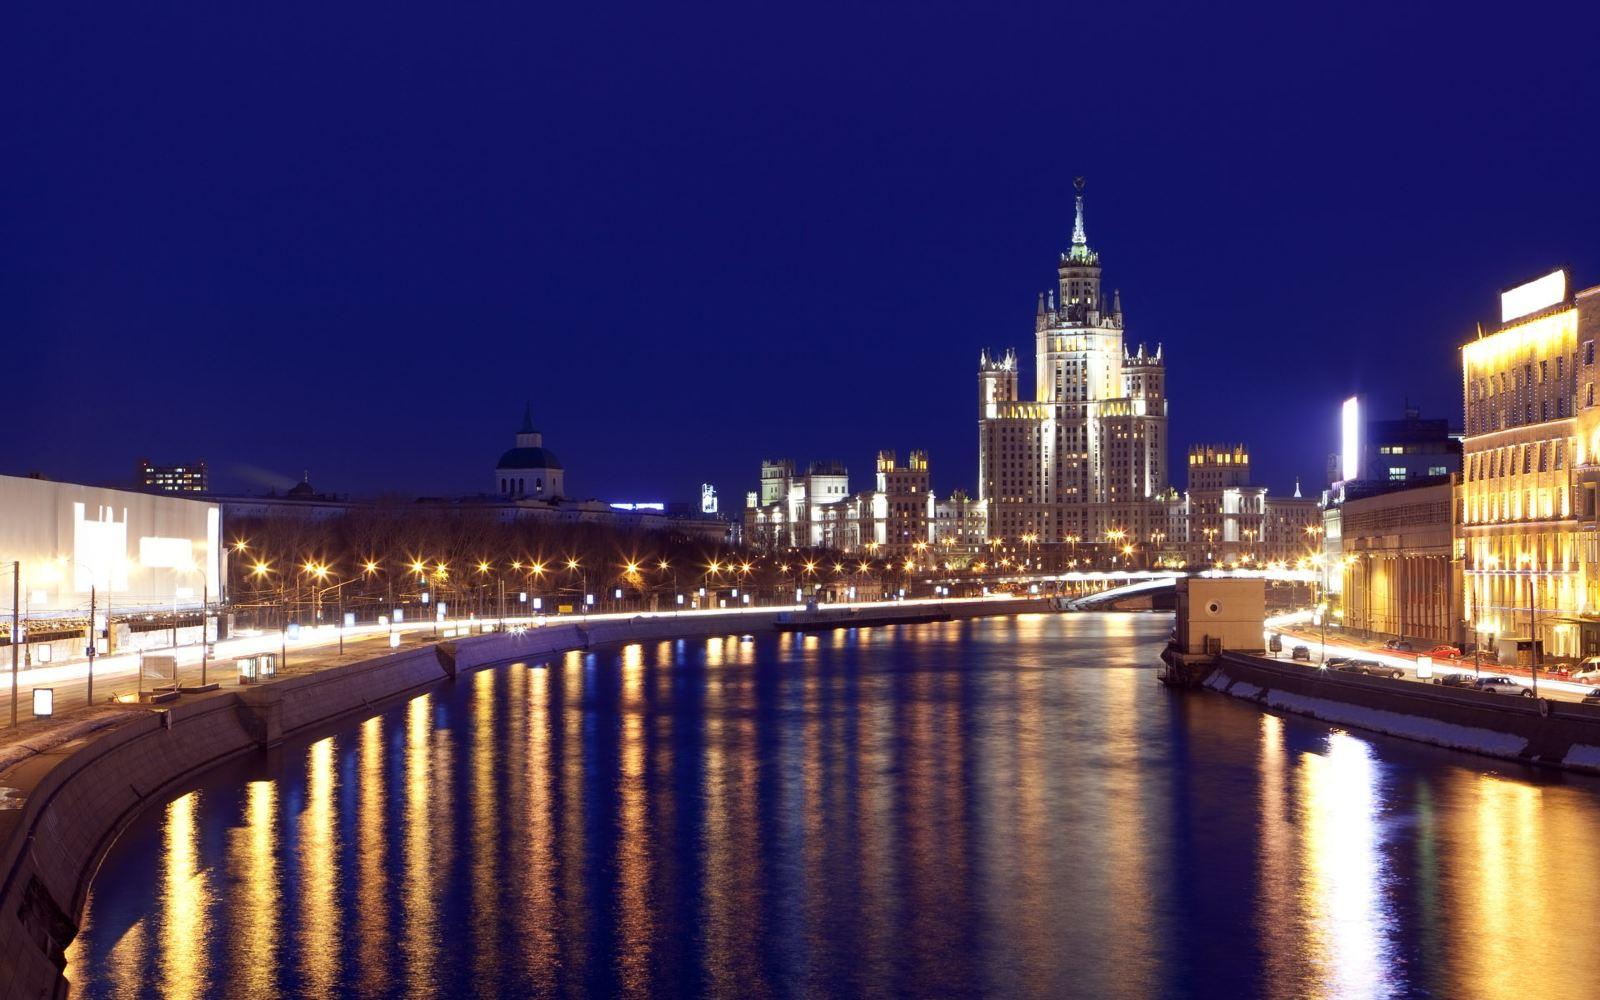 俄罗斯莫斯科 圣彼得堡7日跟团游 4钻 全5星酒店 双高铁 冬夏宫 谢镇